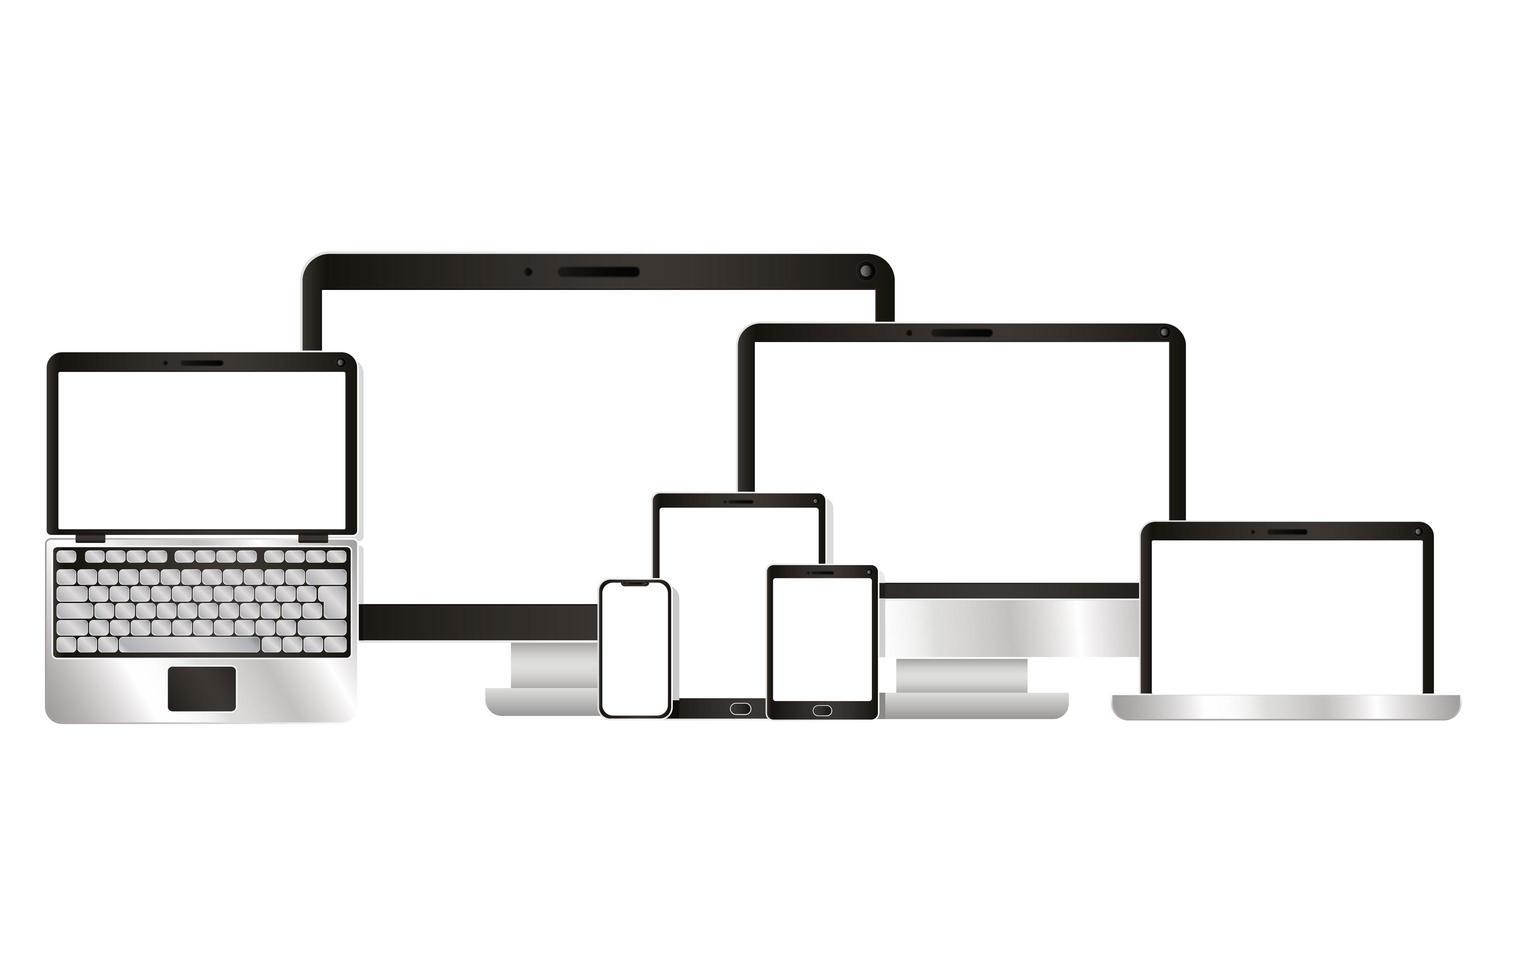 conceptions de tablette et de smartphone d'ordinateur portable vecteur